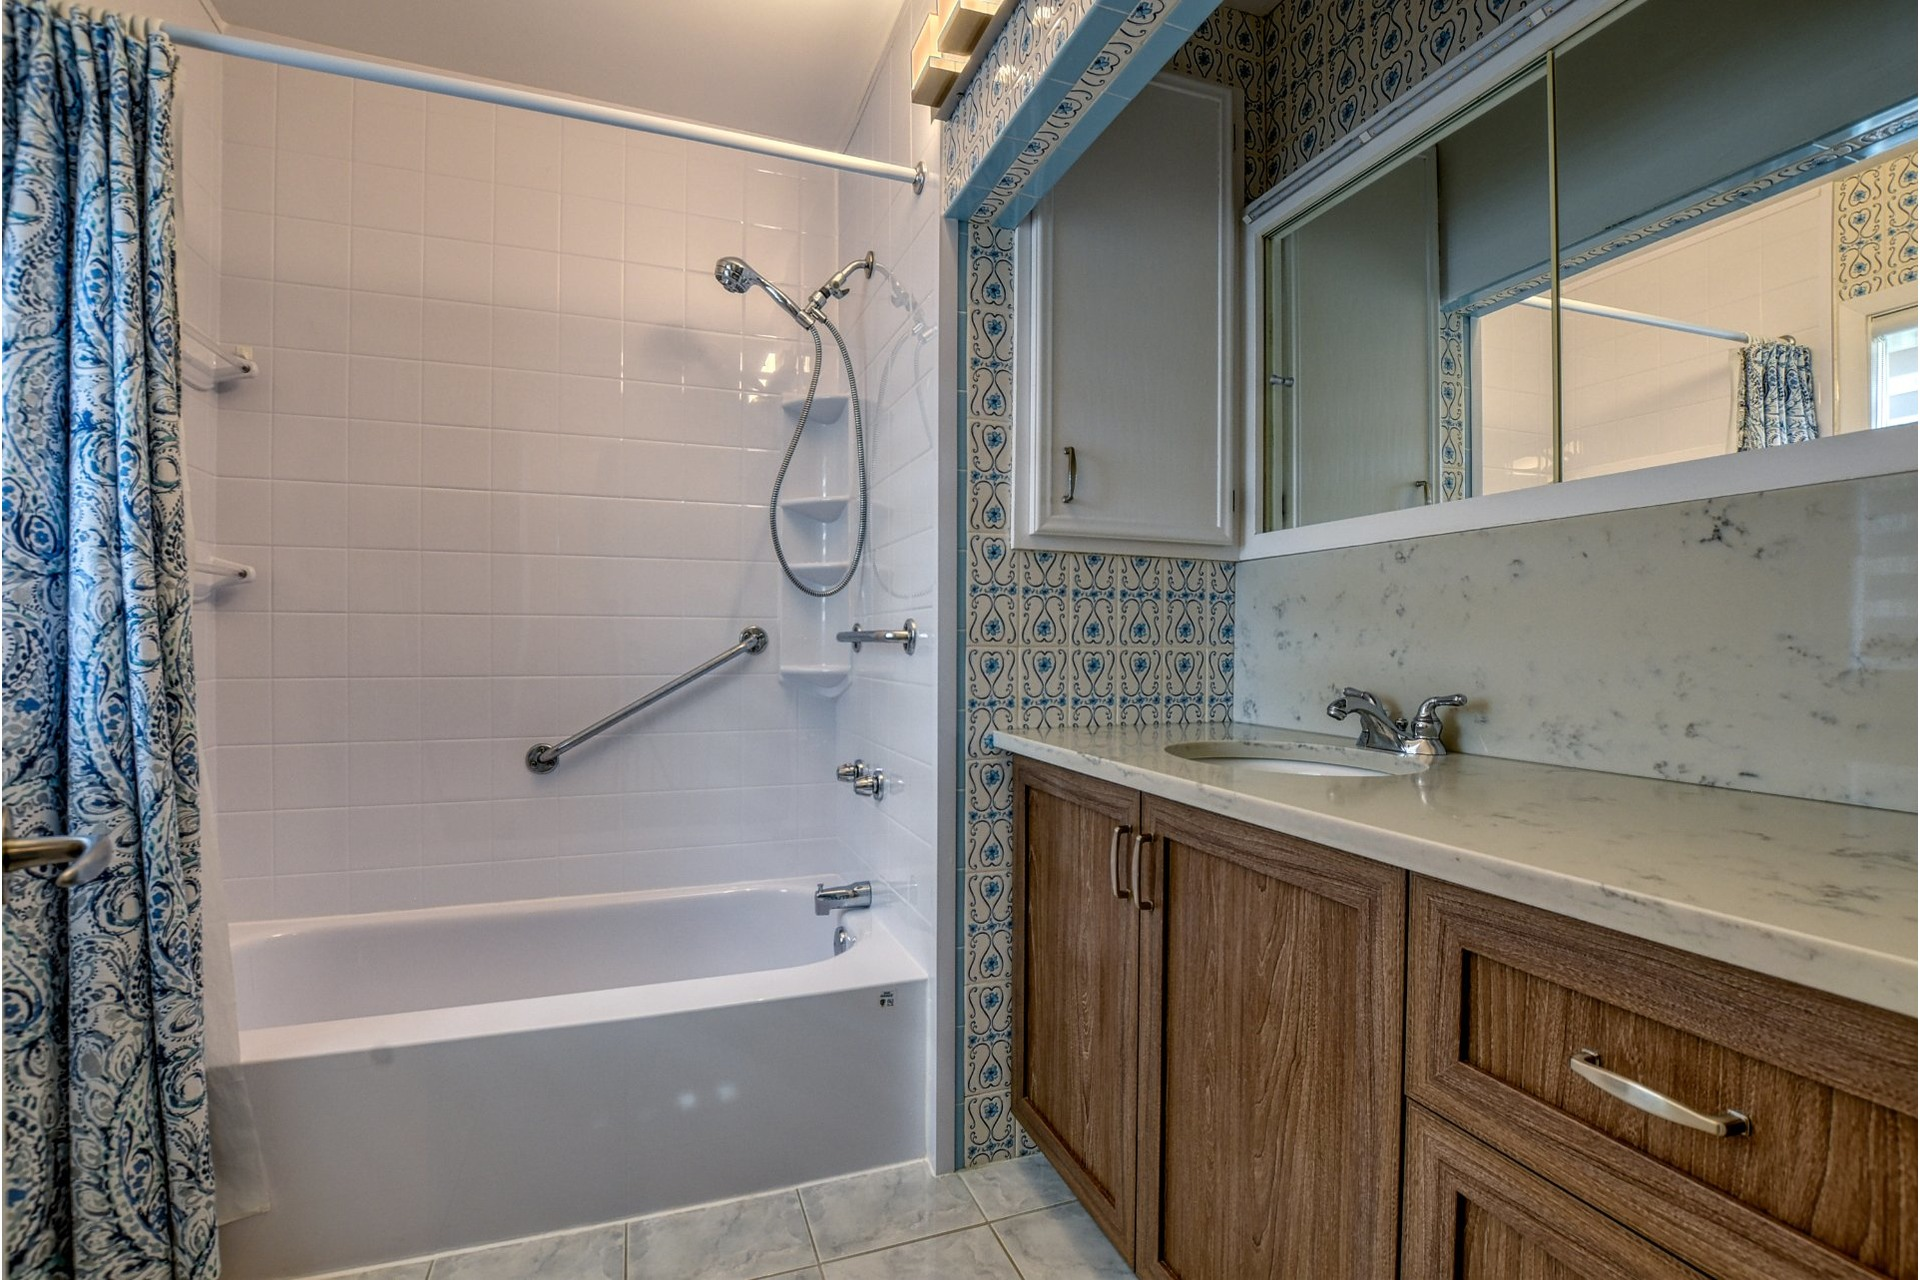 image 13 - House For sale Saint-Laurent Montréal  - 7 rooms